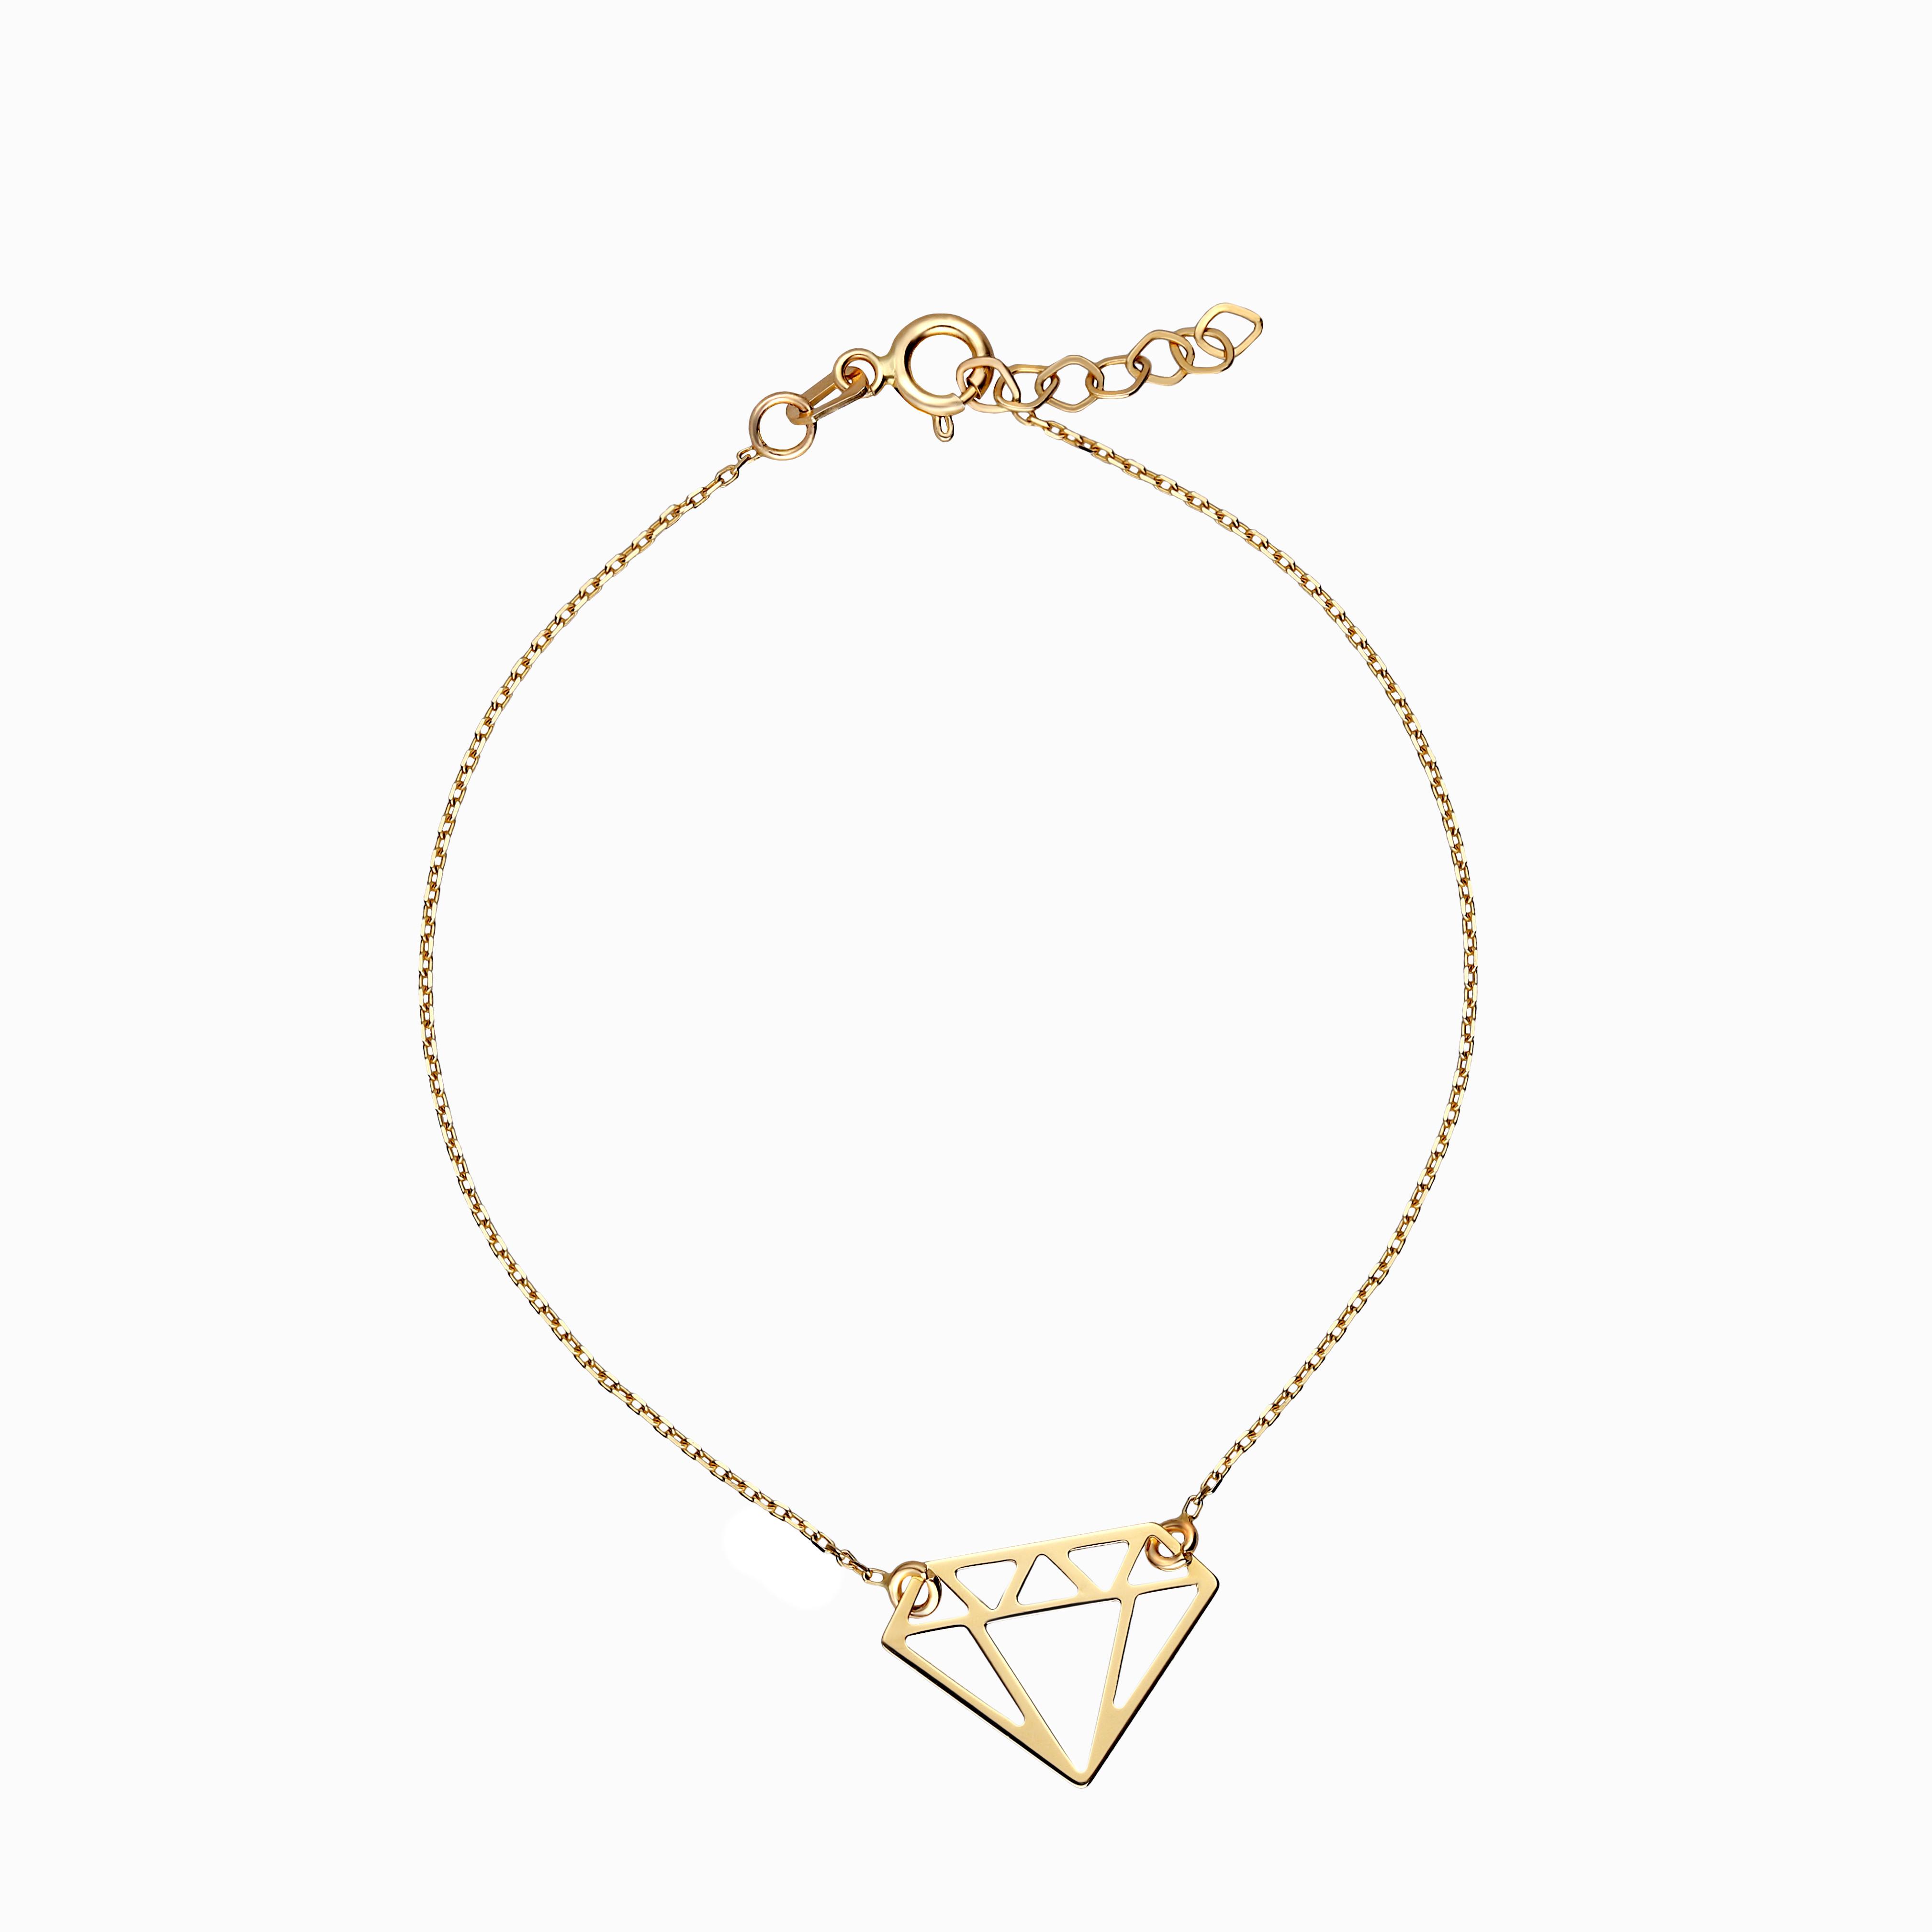 Bransoleta z żółtego złota, celebrytka z motywem diamentu, próba 585